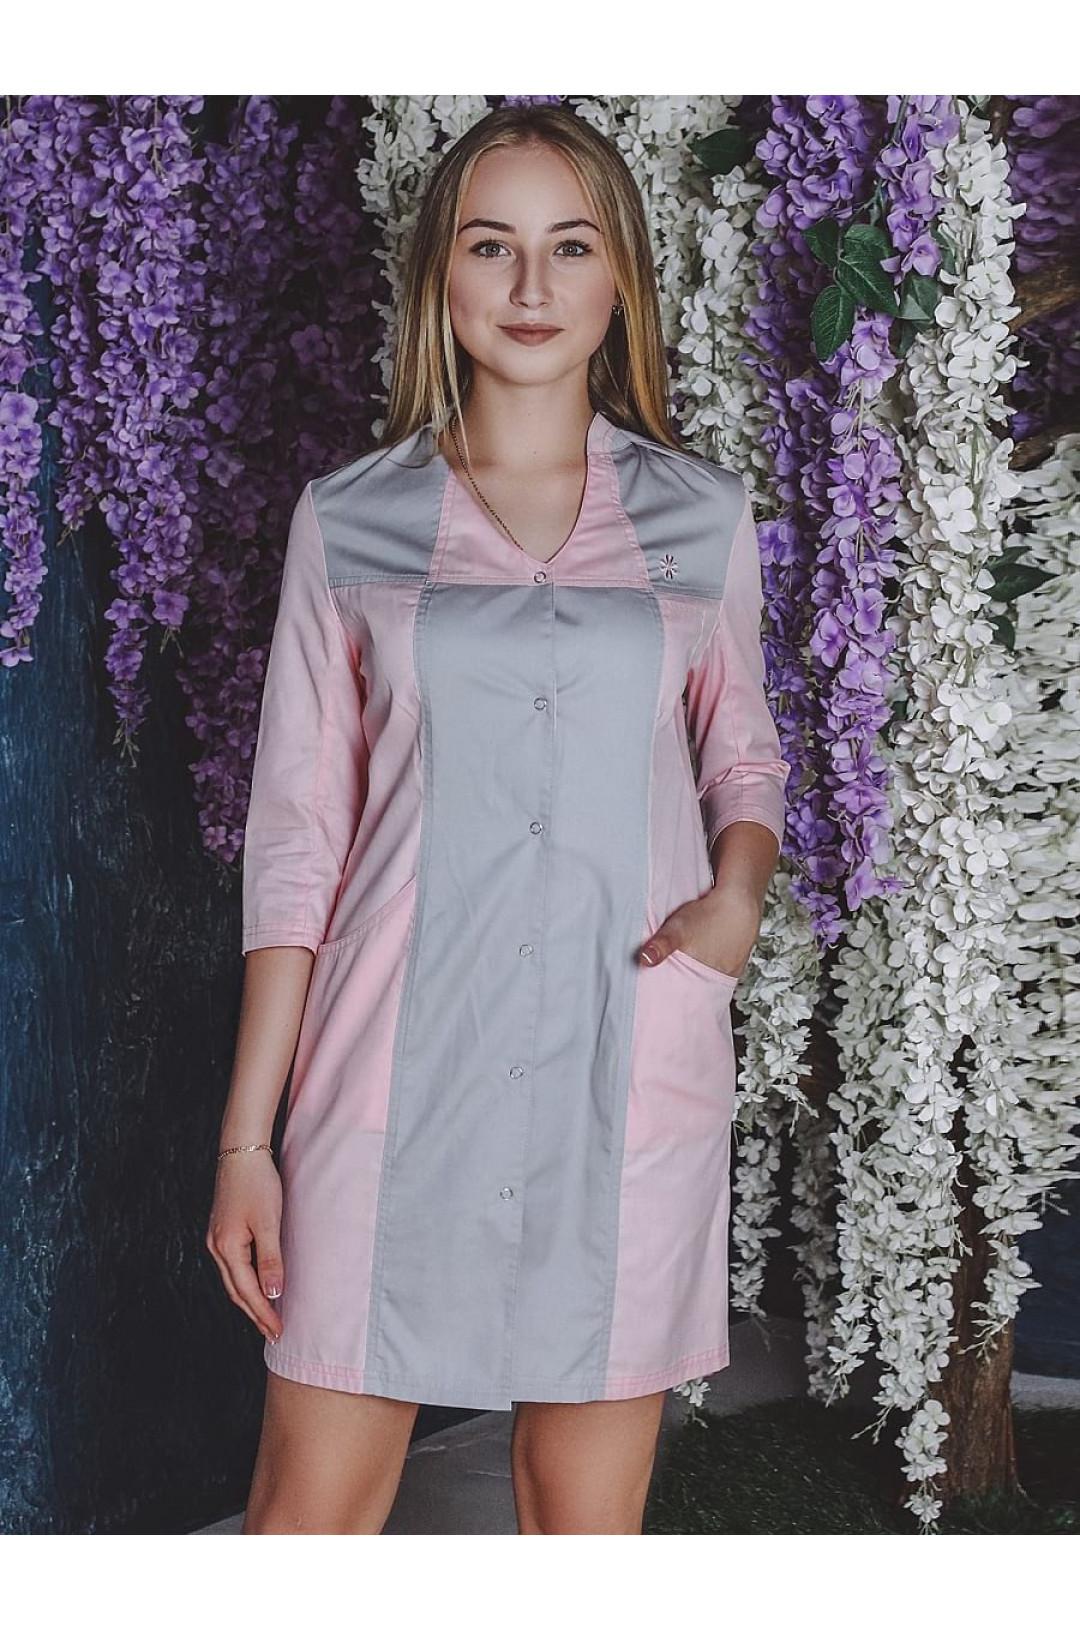 Халат медицинский женский LL 1101 (розовый/серый, тередо)